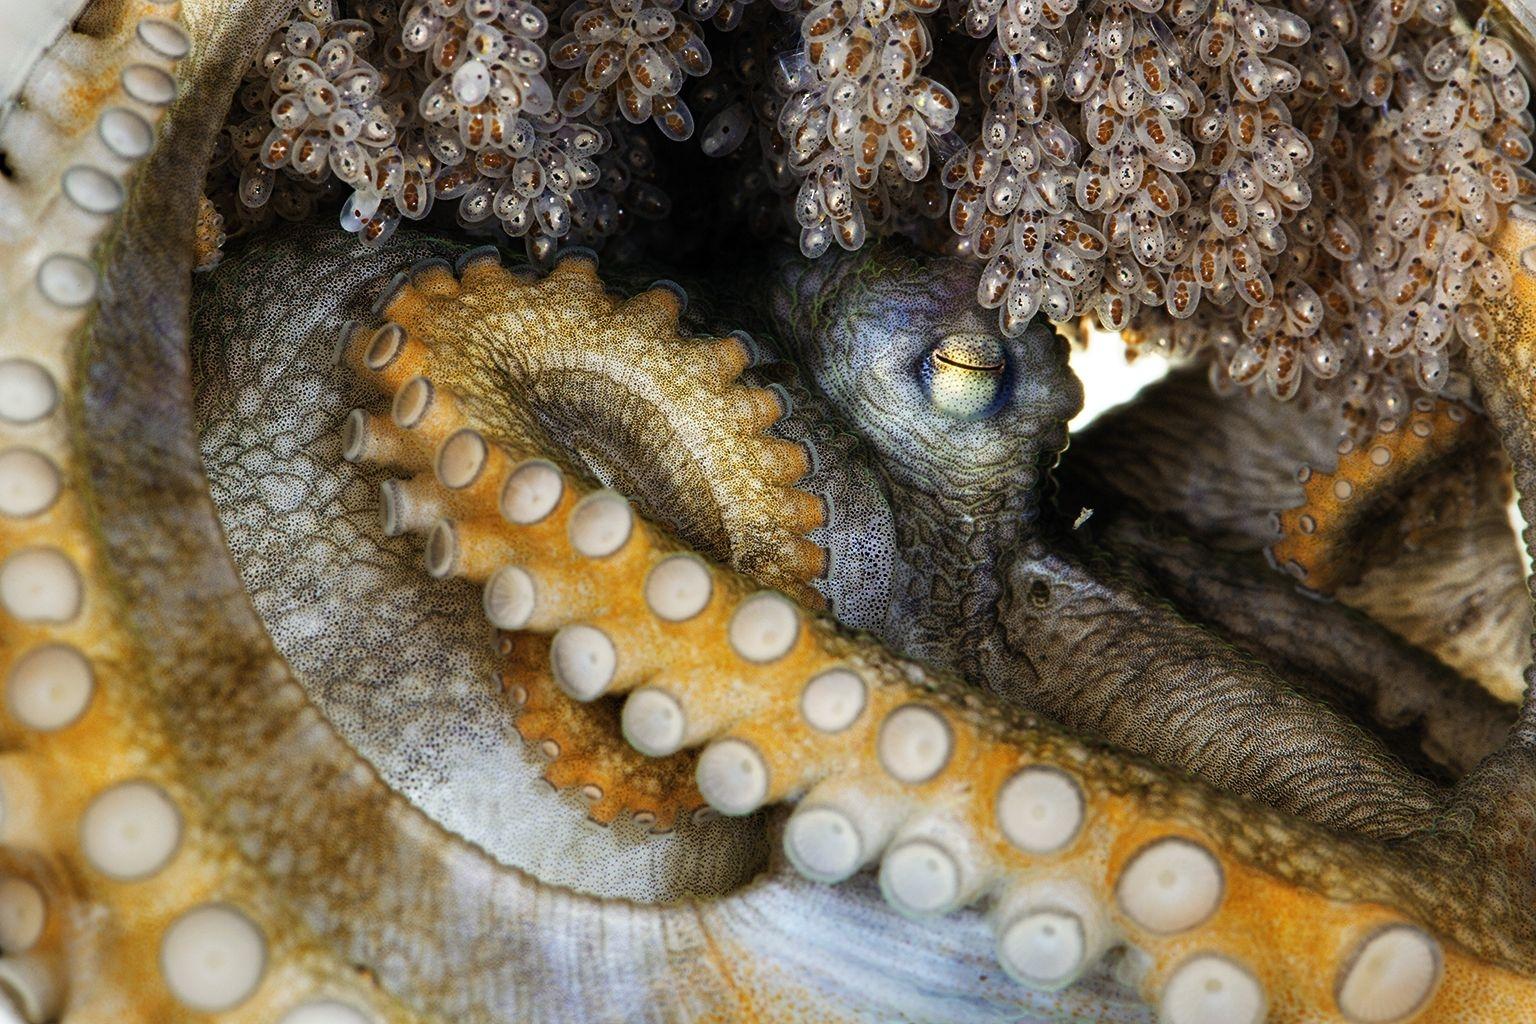 這隻雌章魚屬於尚未經過科學文獻描述的種類,牠正在照顧自己的卵。這些卵孵化後,牠很快就會死去;多數種類的雌章魚一生只繁殖一次。這表示小章魚一出生就必須獨立生活。PHOTOGRAPHED AT CALDWELL LAB, UC BERKELEY